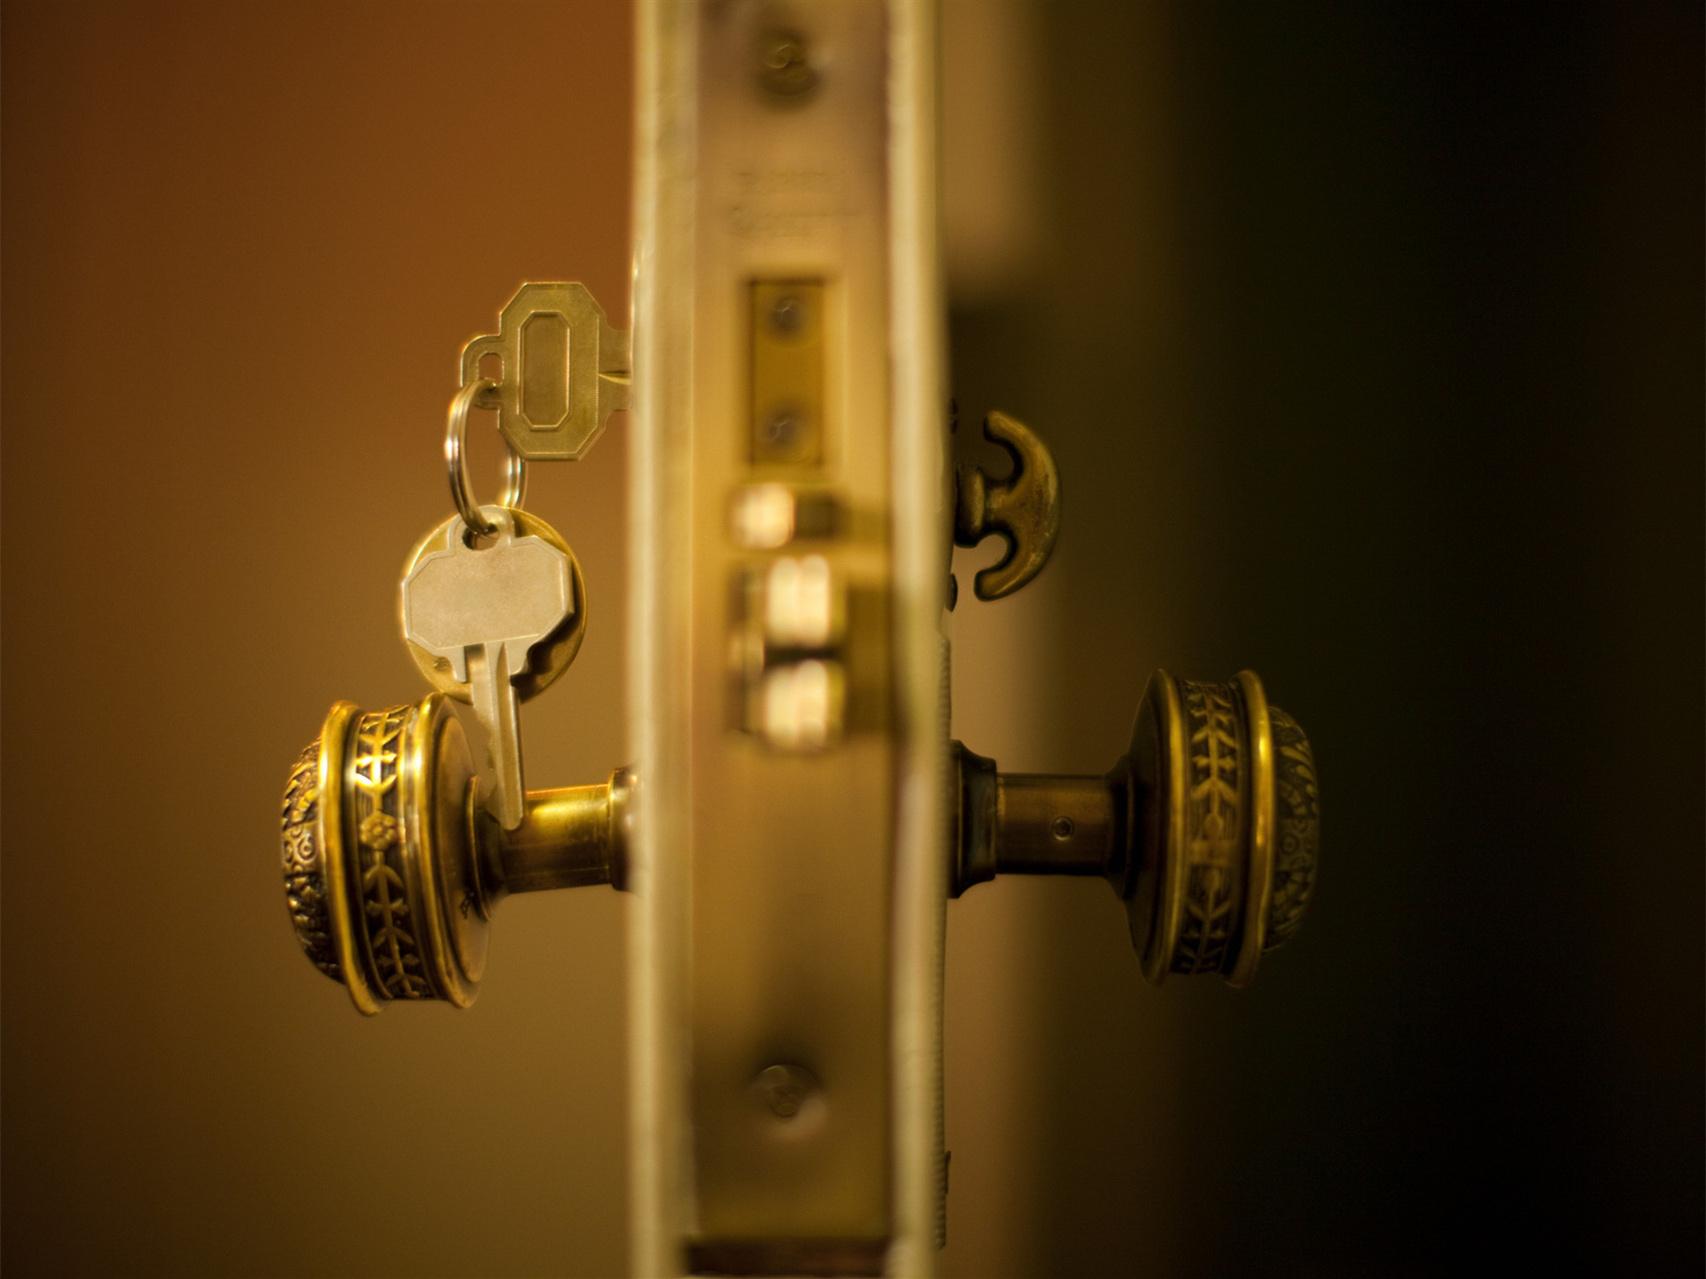 换防盗门锁芯怎么操作?购买防盗门锁芯注意事项